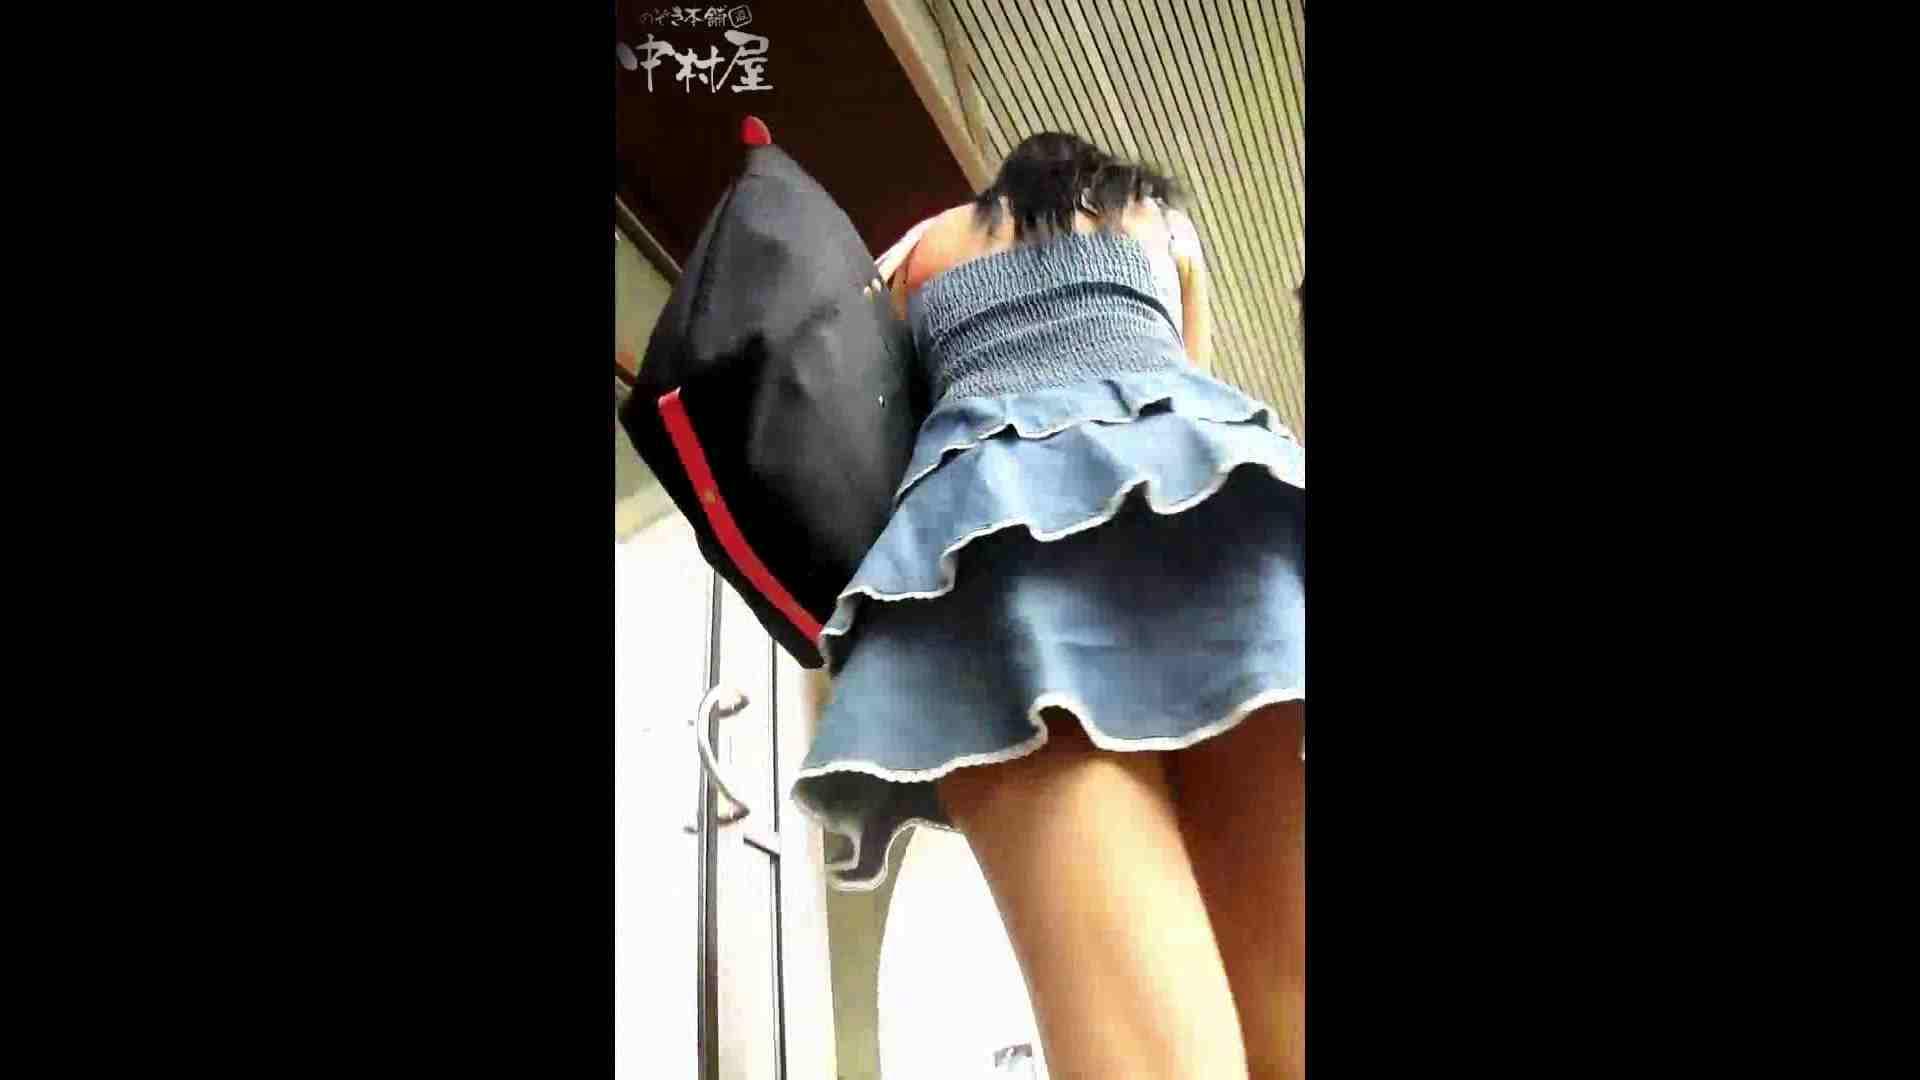 綺麗なモデルさんのスカート捲っちゃおう‼ vol18 HなOL アダルト動画キャプチャ 99pic 42